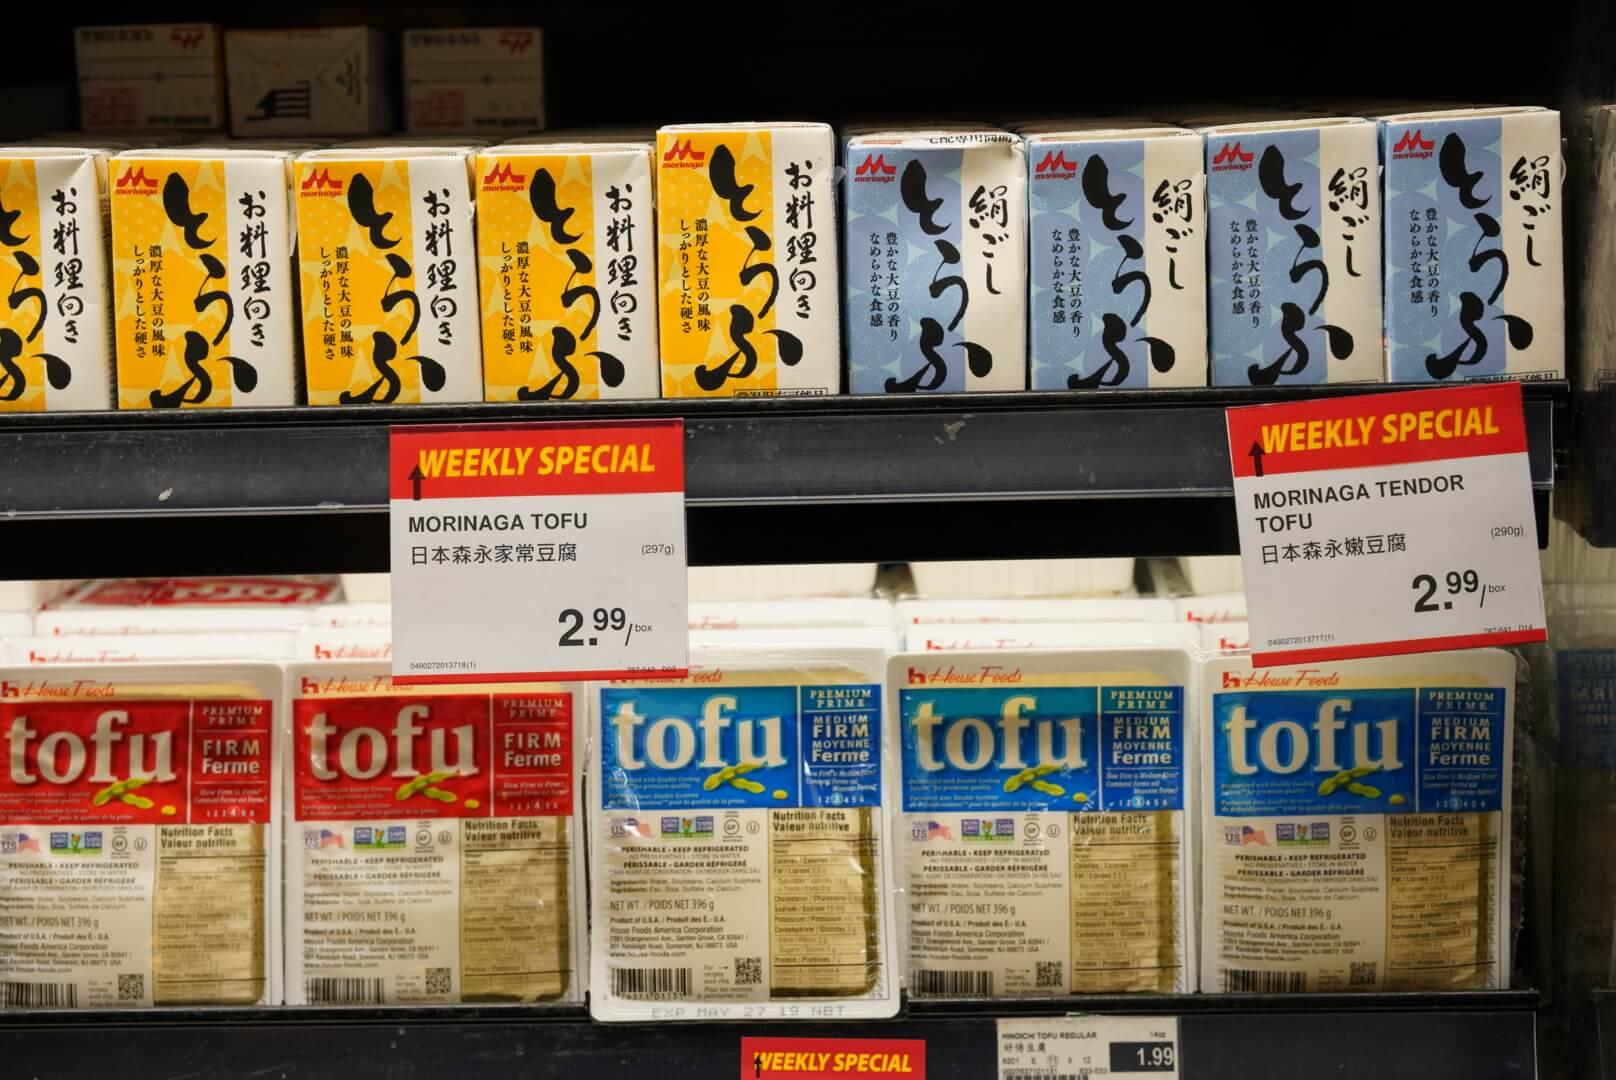 カナダのアジア系スーパー「T&T」の豆腐